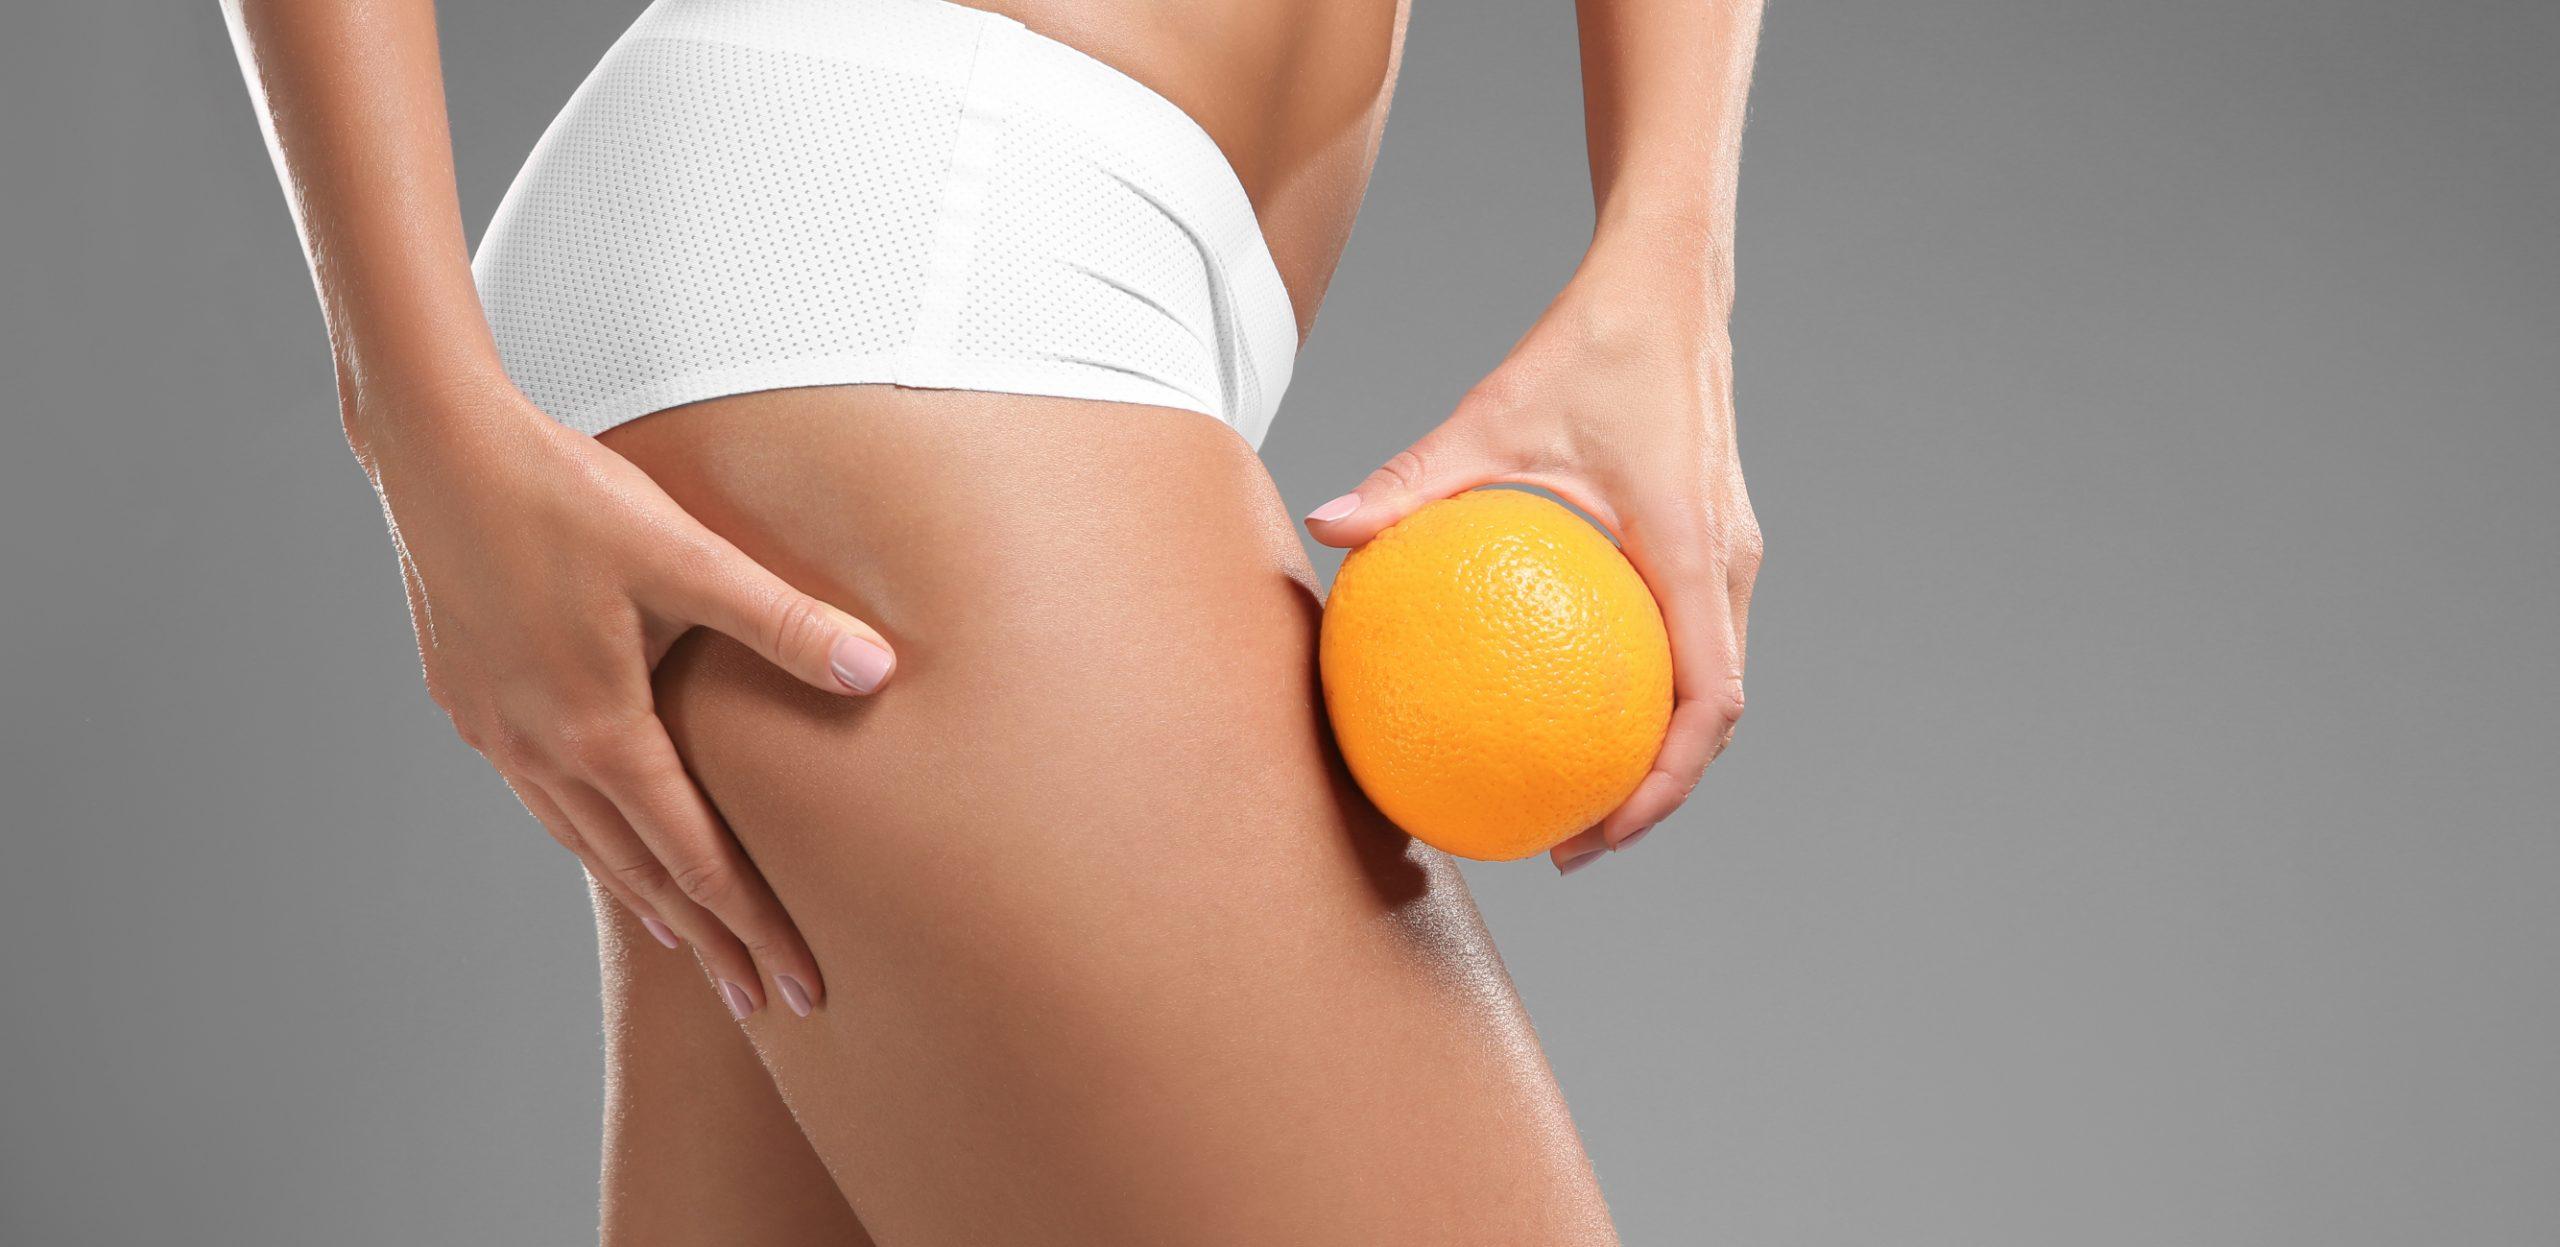 cellulite come riconoscerla prevenirla trattarla